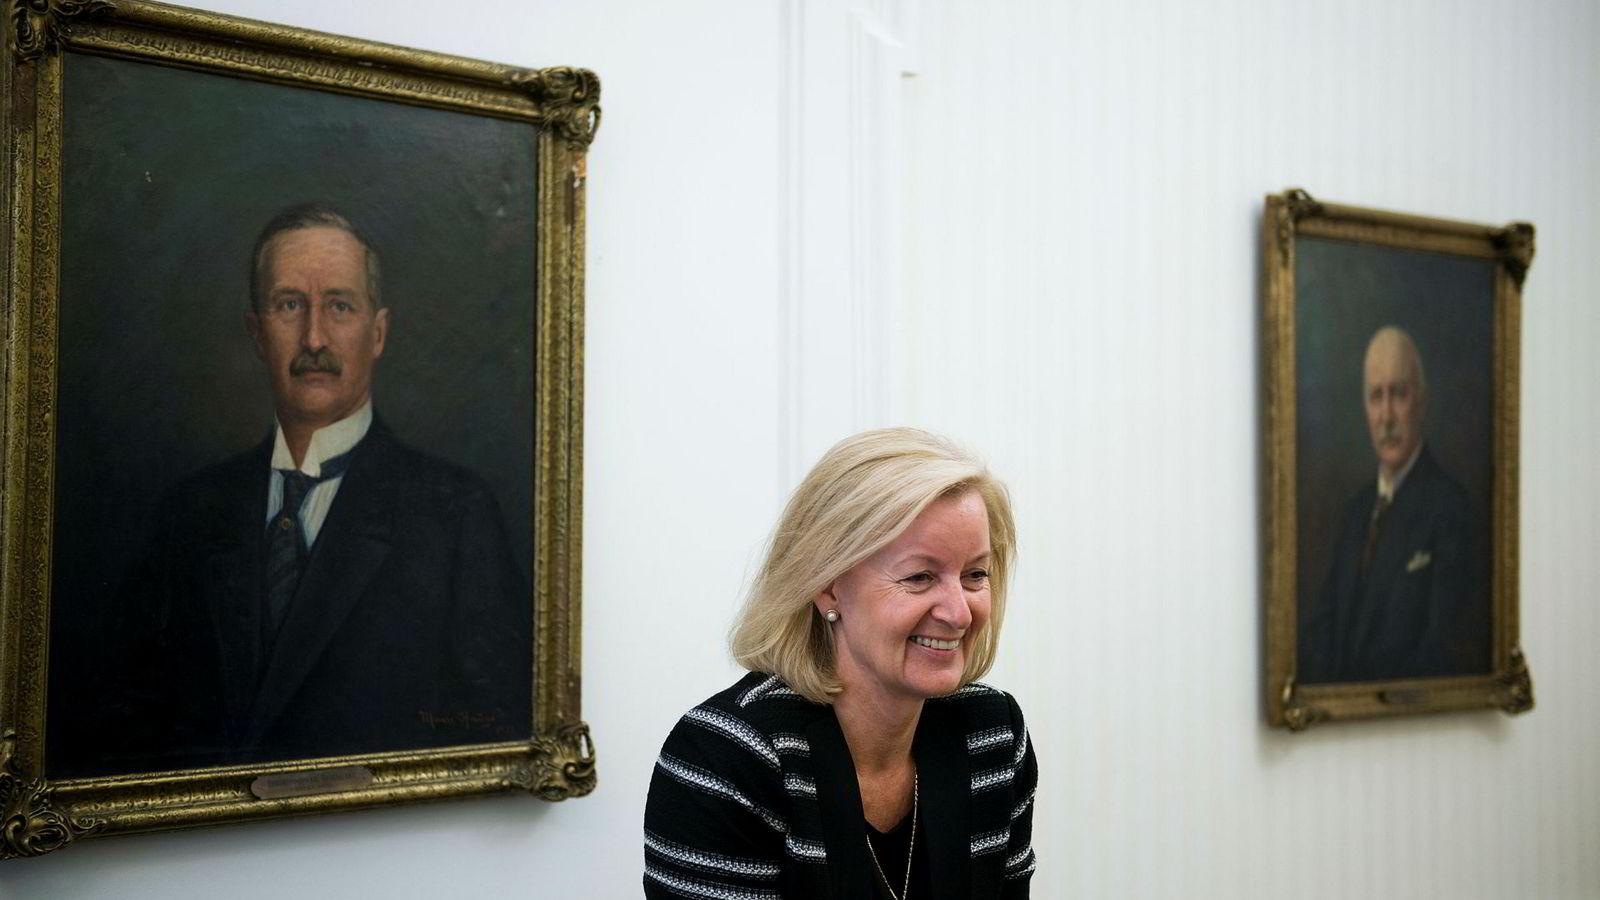 Børsdirektør og konsernsjef i Oslo Børs VPS, Bente A. Landsnes, går av i 2019 etter eget ønske.